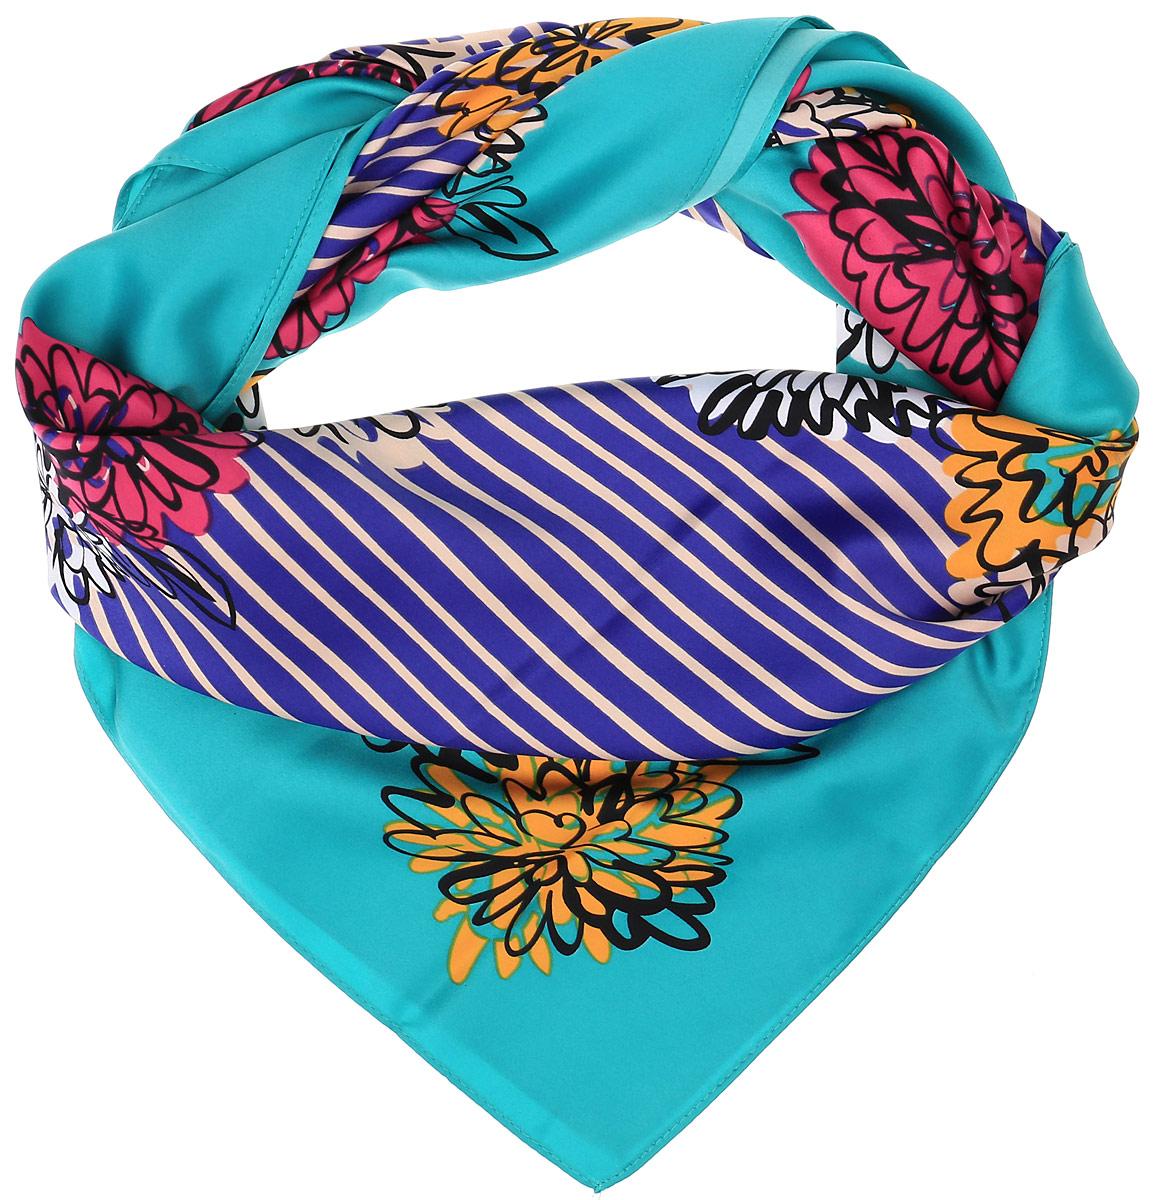 70ПЛ_90х90_15076__ПолоскаОчаровательный женский платок Sabellino станет великолепным завершением любого наряда. Платок изготовлен из высококачественного полиэстера с добавлением шелка и оформлен контрастным цветочным принтом и полосками. Классическая квадратная форма позволяет носить платок на шее, украшать им прическу или декорировать сумочку.